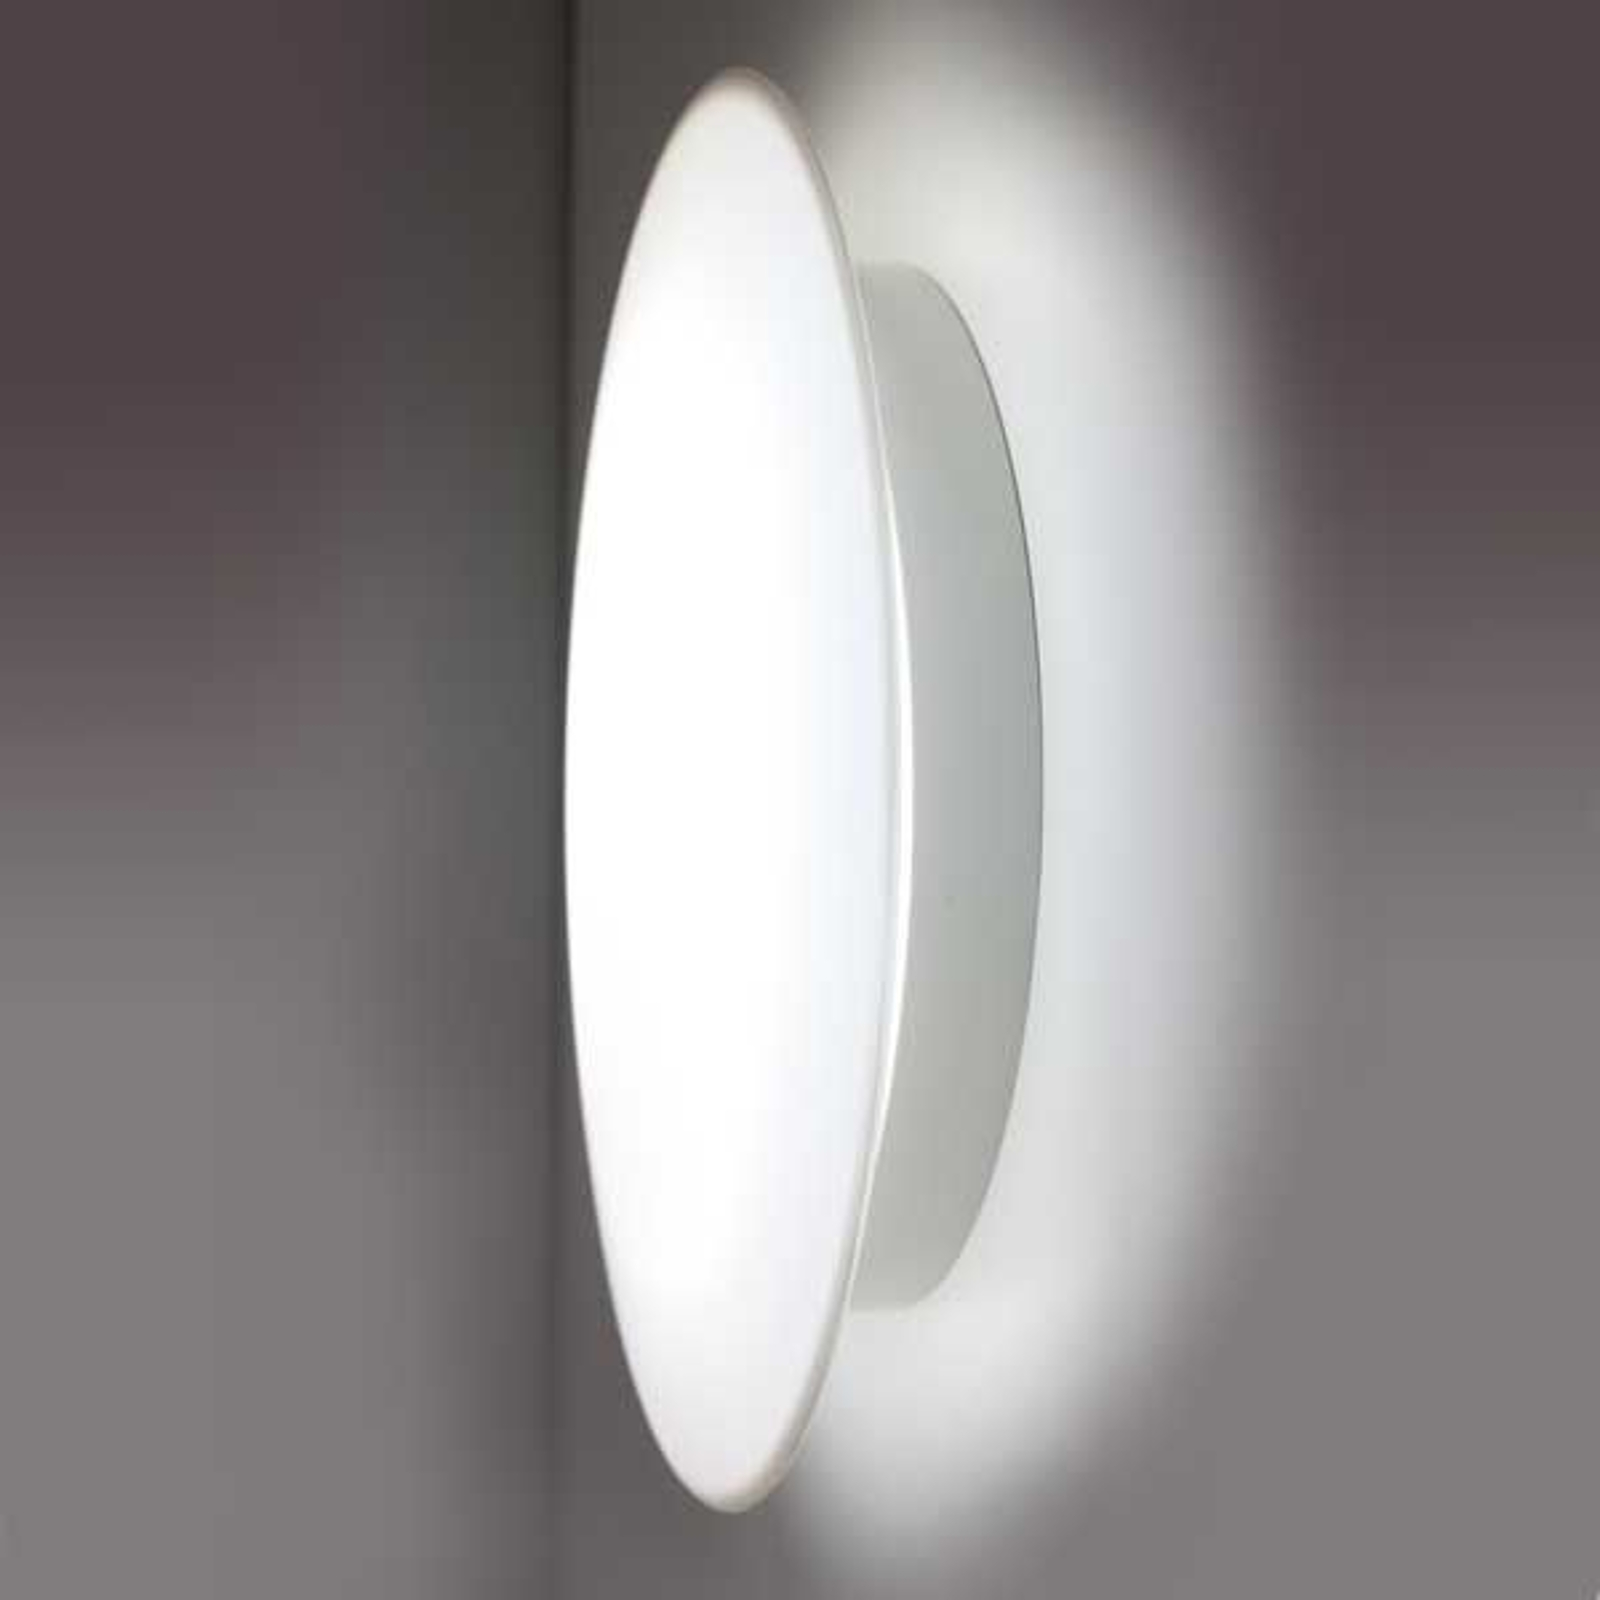 SUN 3 LED-lampa för framtiden vit, 8W 3K